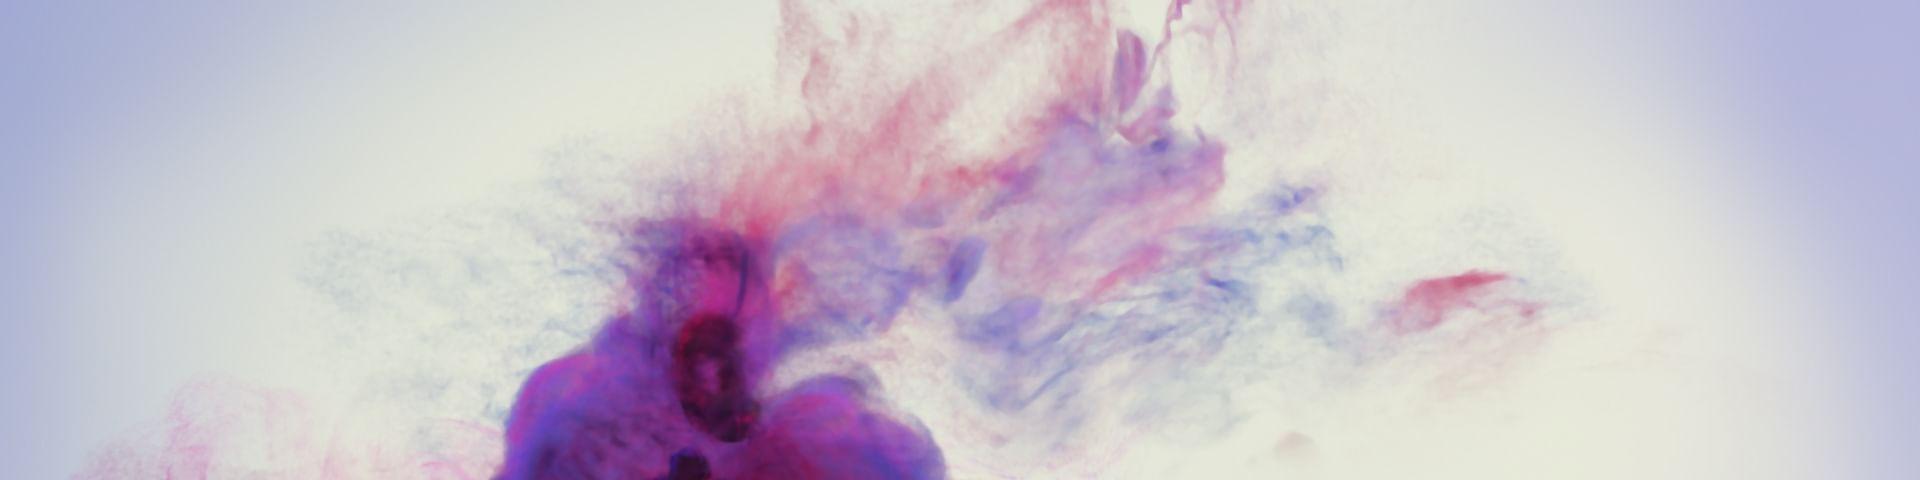 Honfleur und Boudins Impressionismus